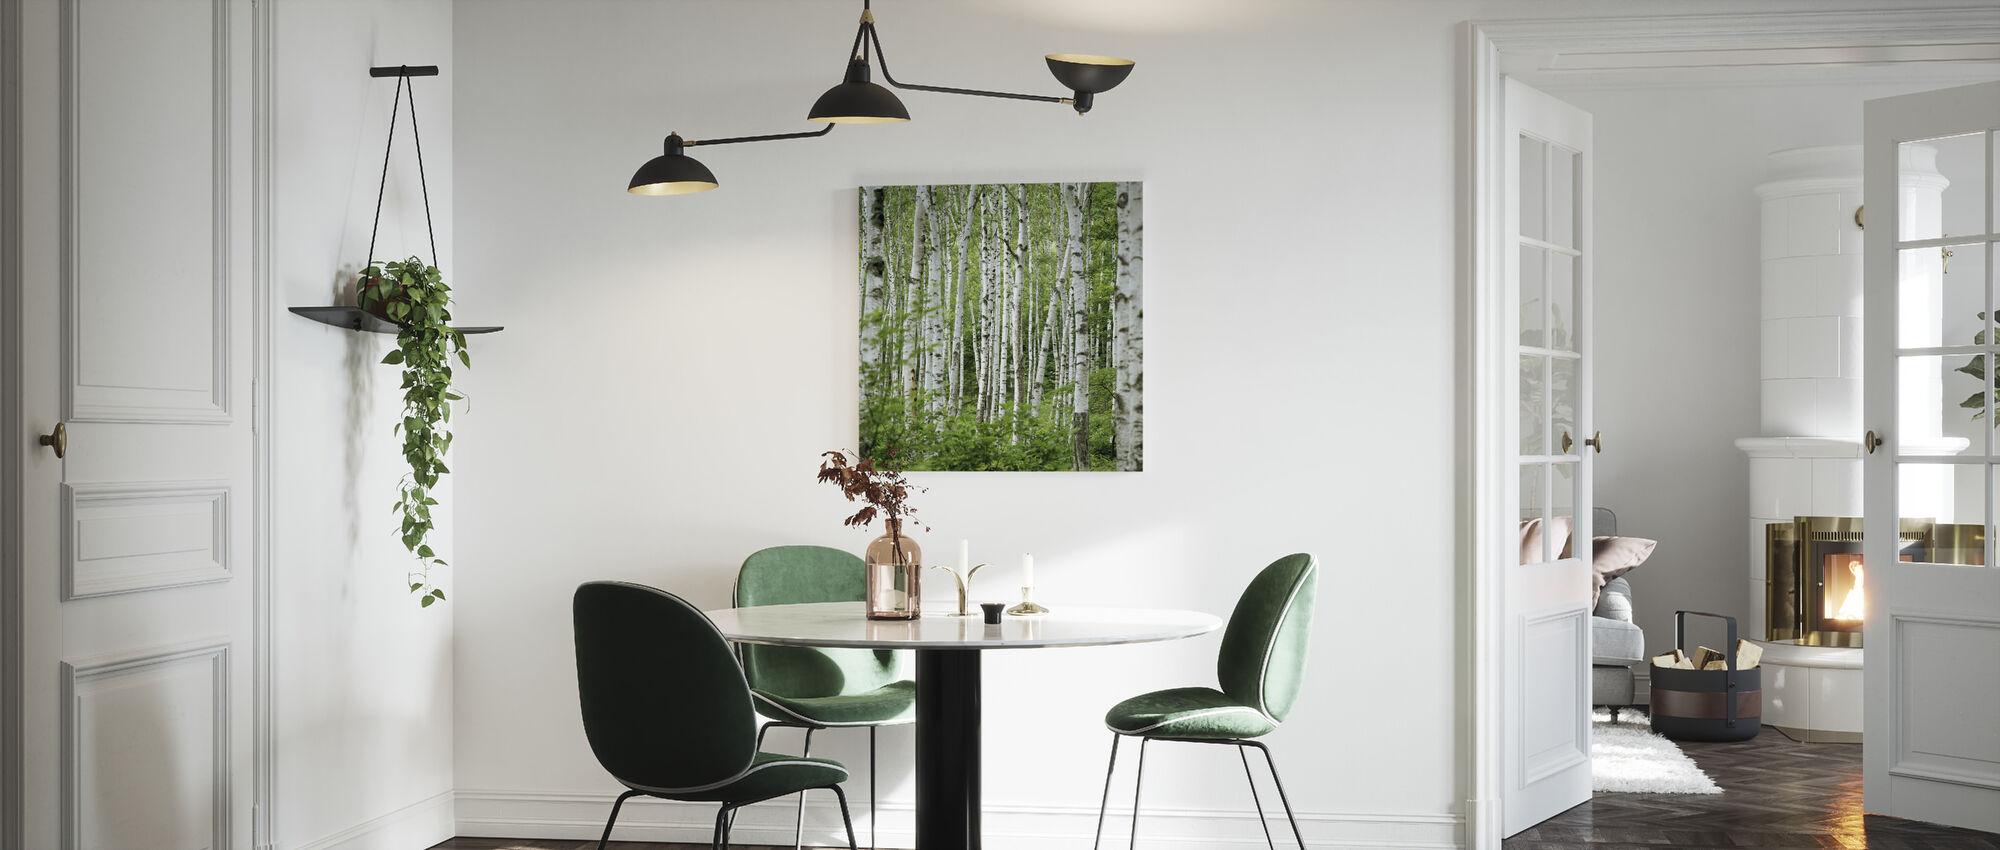 Sommer bjørk trær - Lerretsbilde - Kjøkken